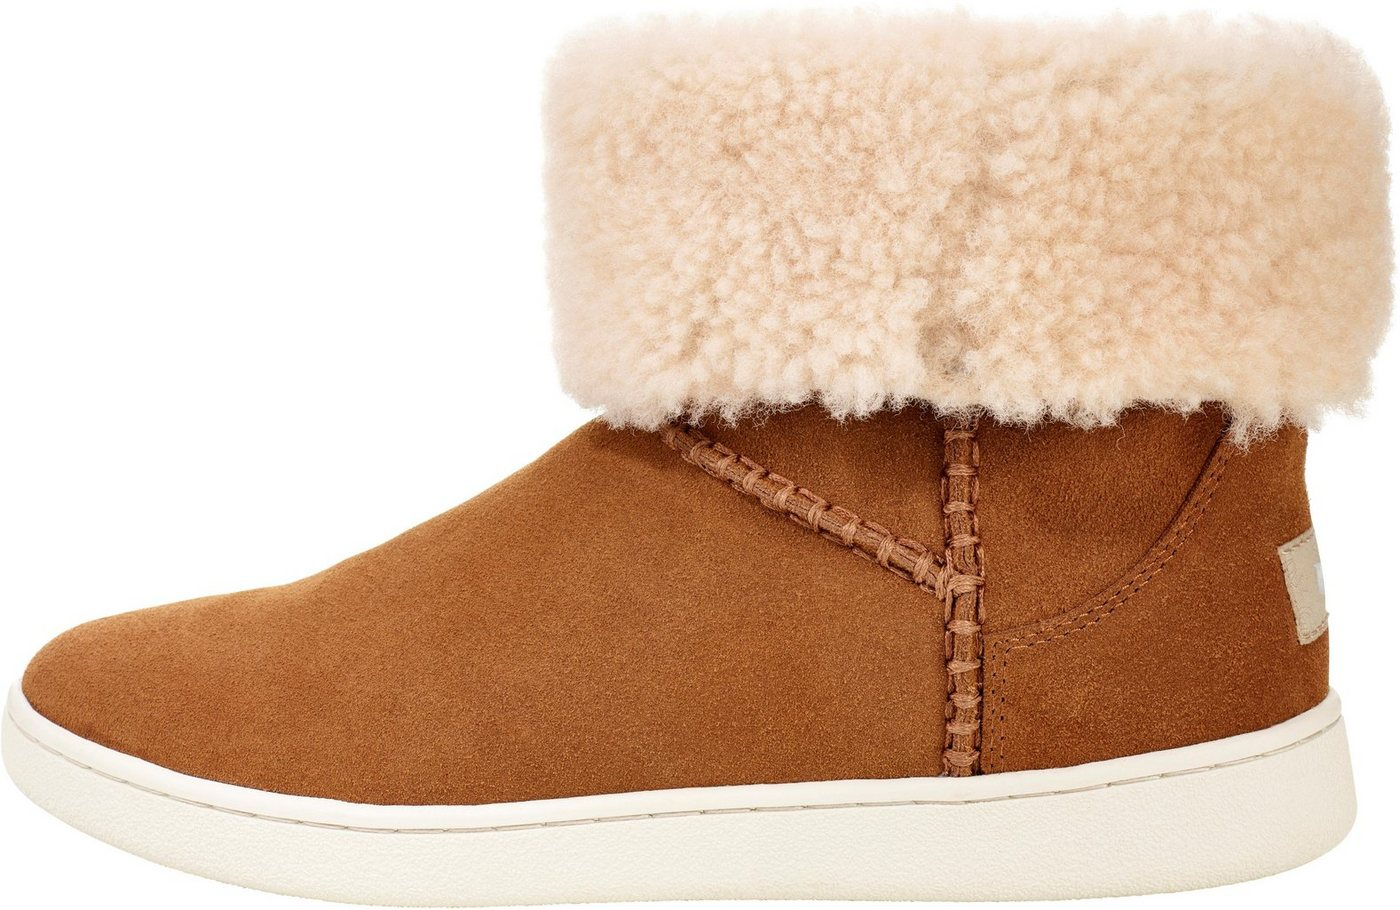 UGG »Mika Classic Sneaker« Schlupfboots mit dekorativen Nähten | Schuhe > Stiefel > Winterstiefel | Braun | UGG